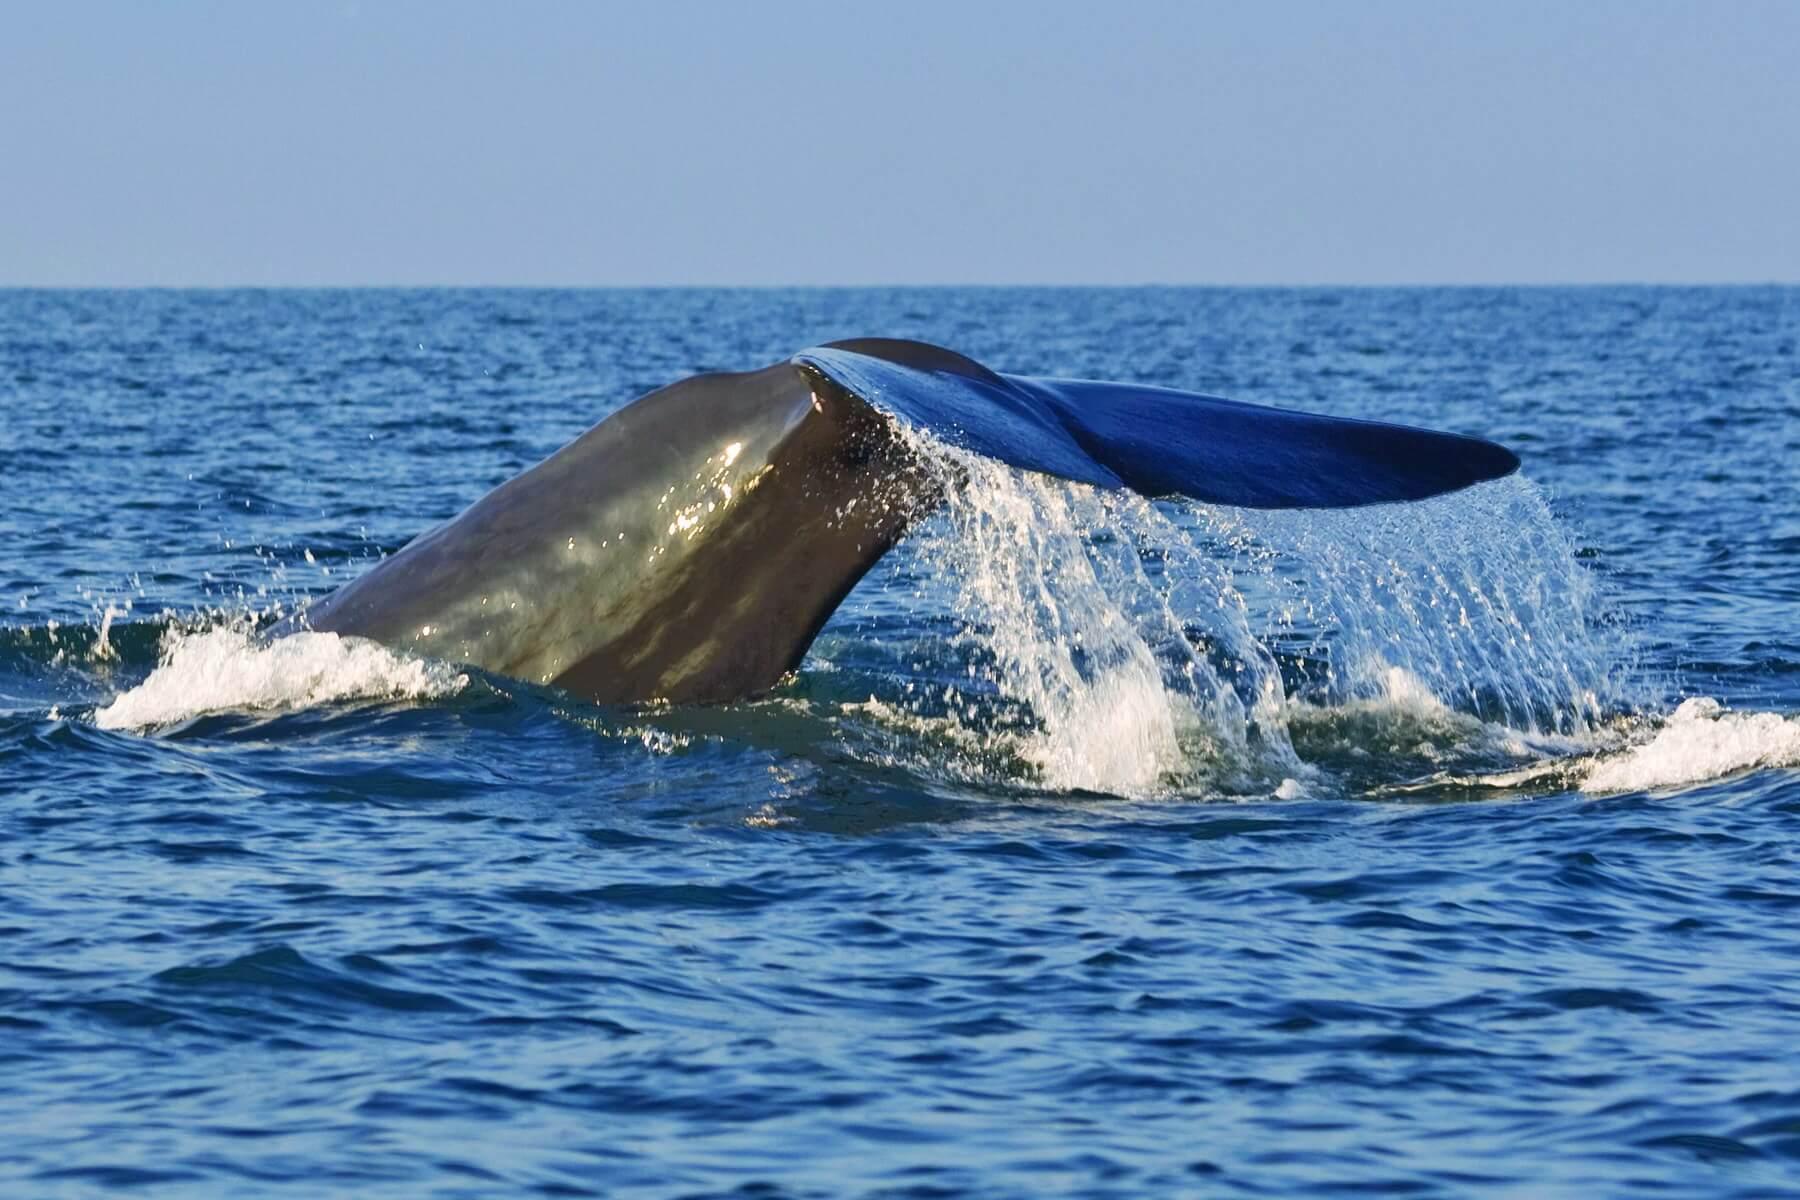 Sri Lanka hat sich längst zu einem Hotspot für Delfin- und Walbeobachtungen entwickelt, vor allem Blauwale halten sich oft vor der Ost- und der Südküste auf. Eine willkommene Abwechslung bei einer Sri Lanka Reise.